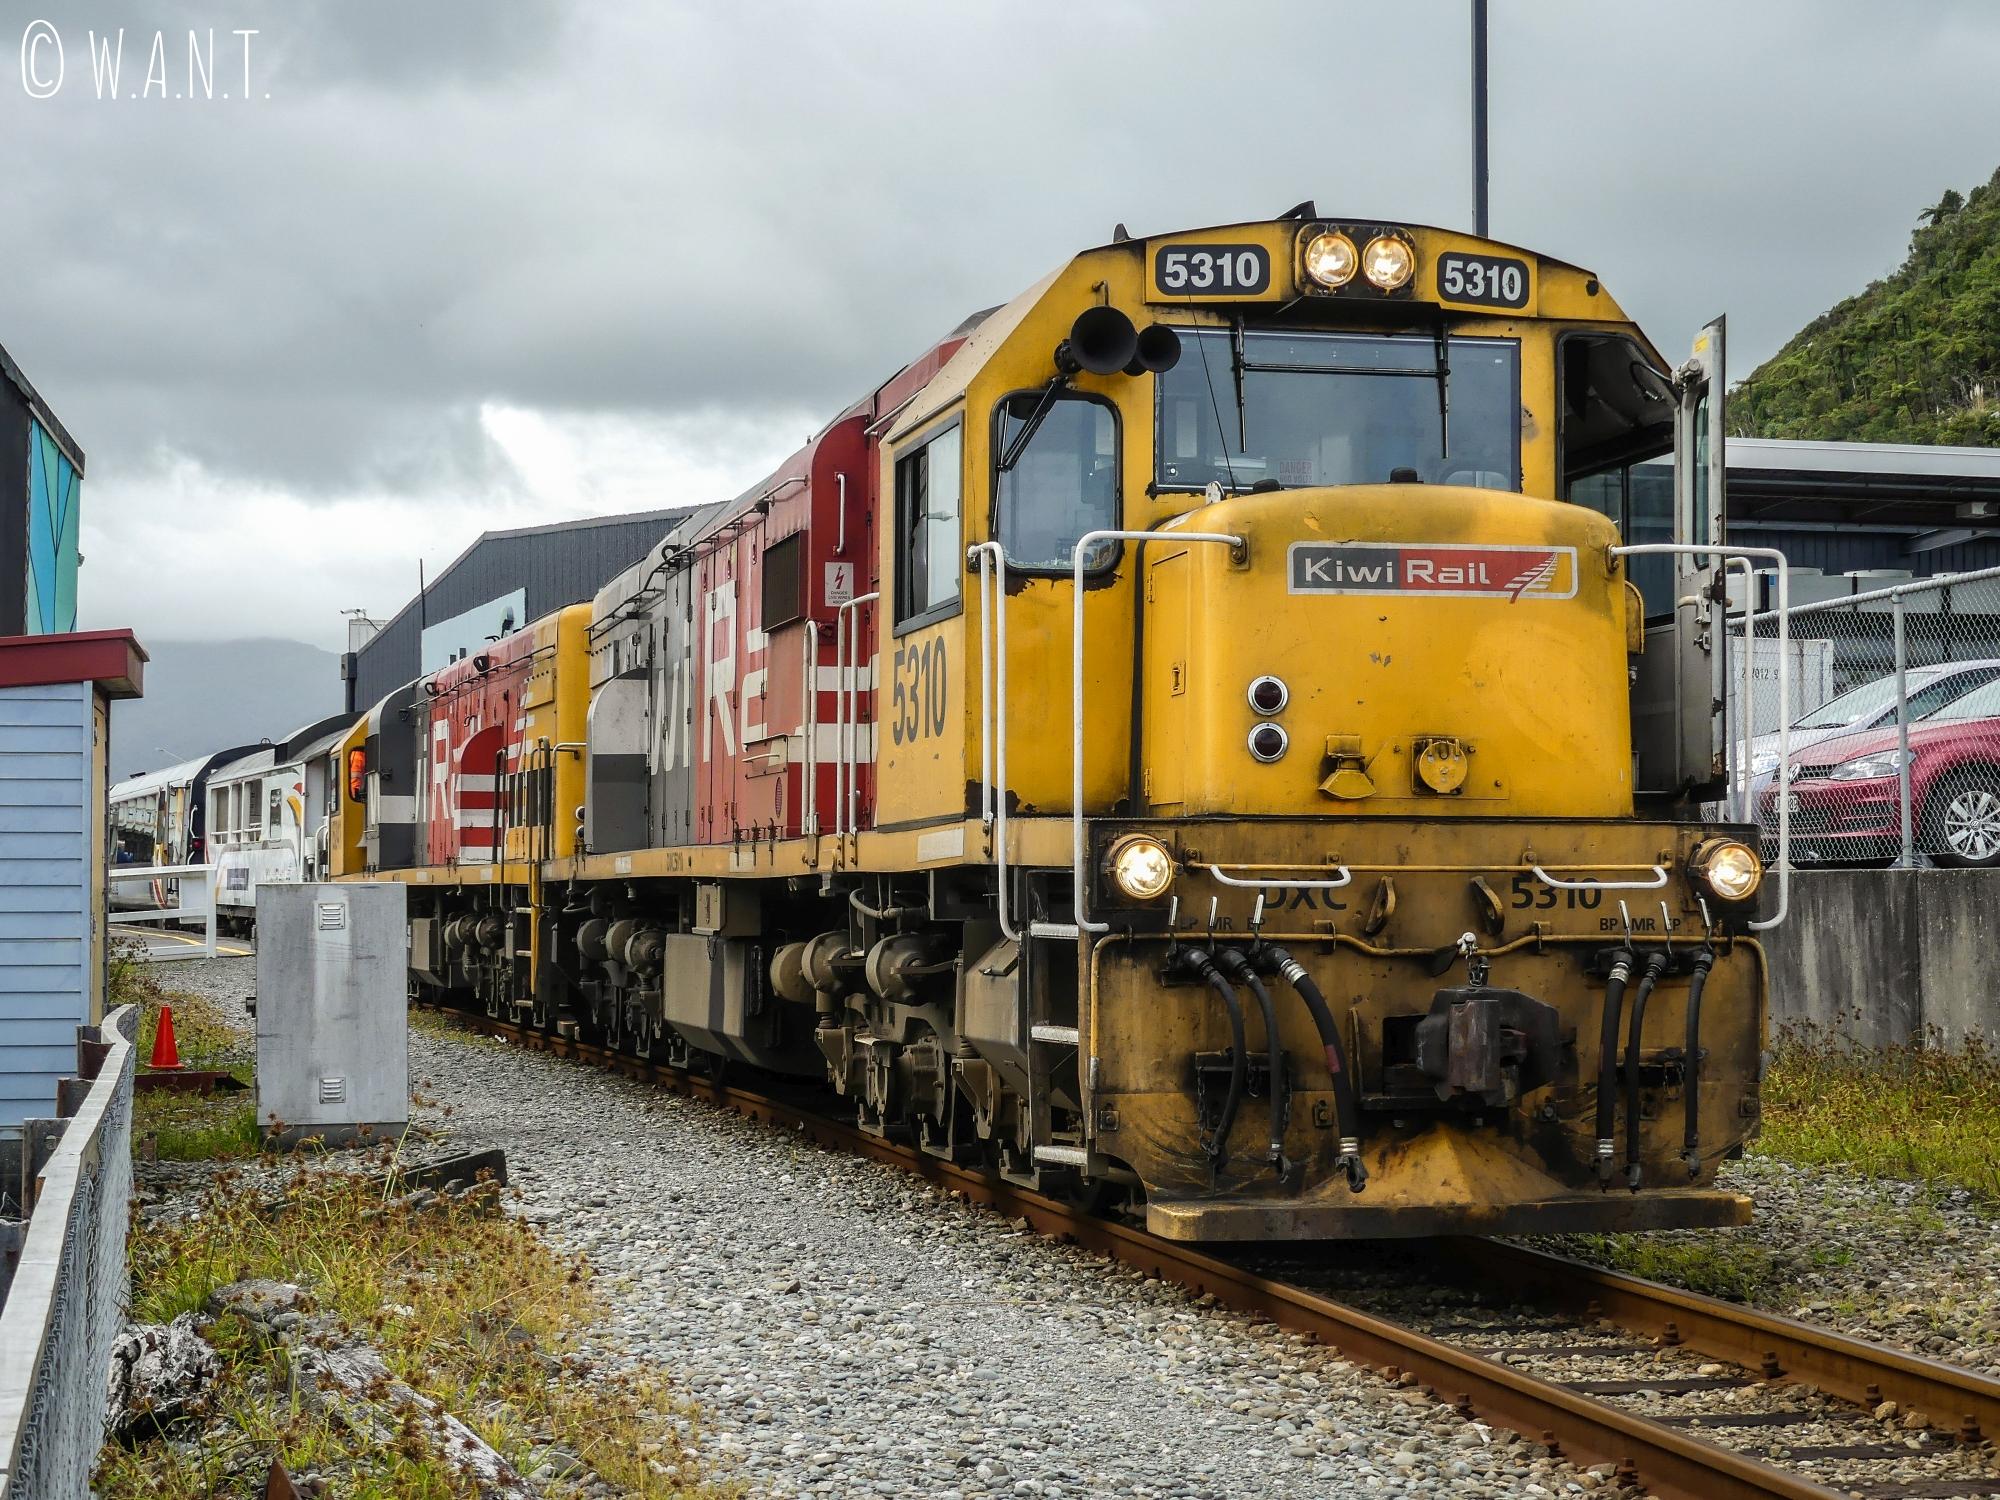 Train kiwi à la gare de Greymouth en Nouvelle-Zélande